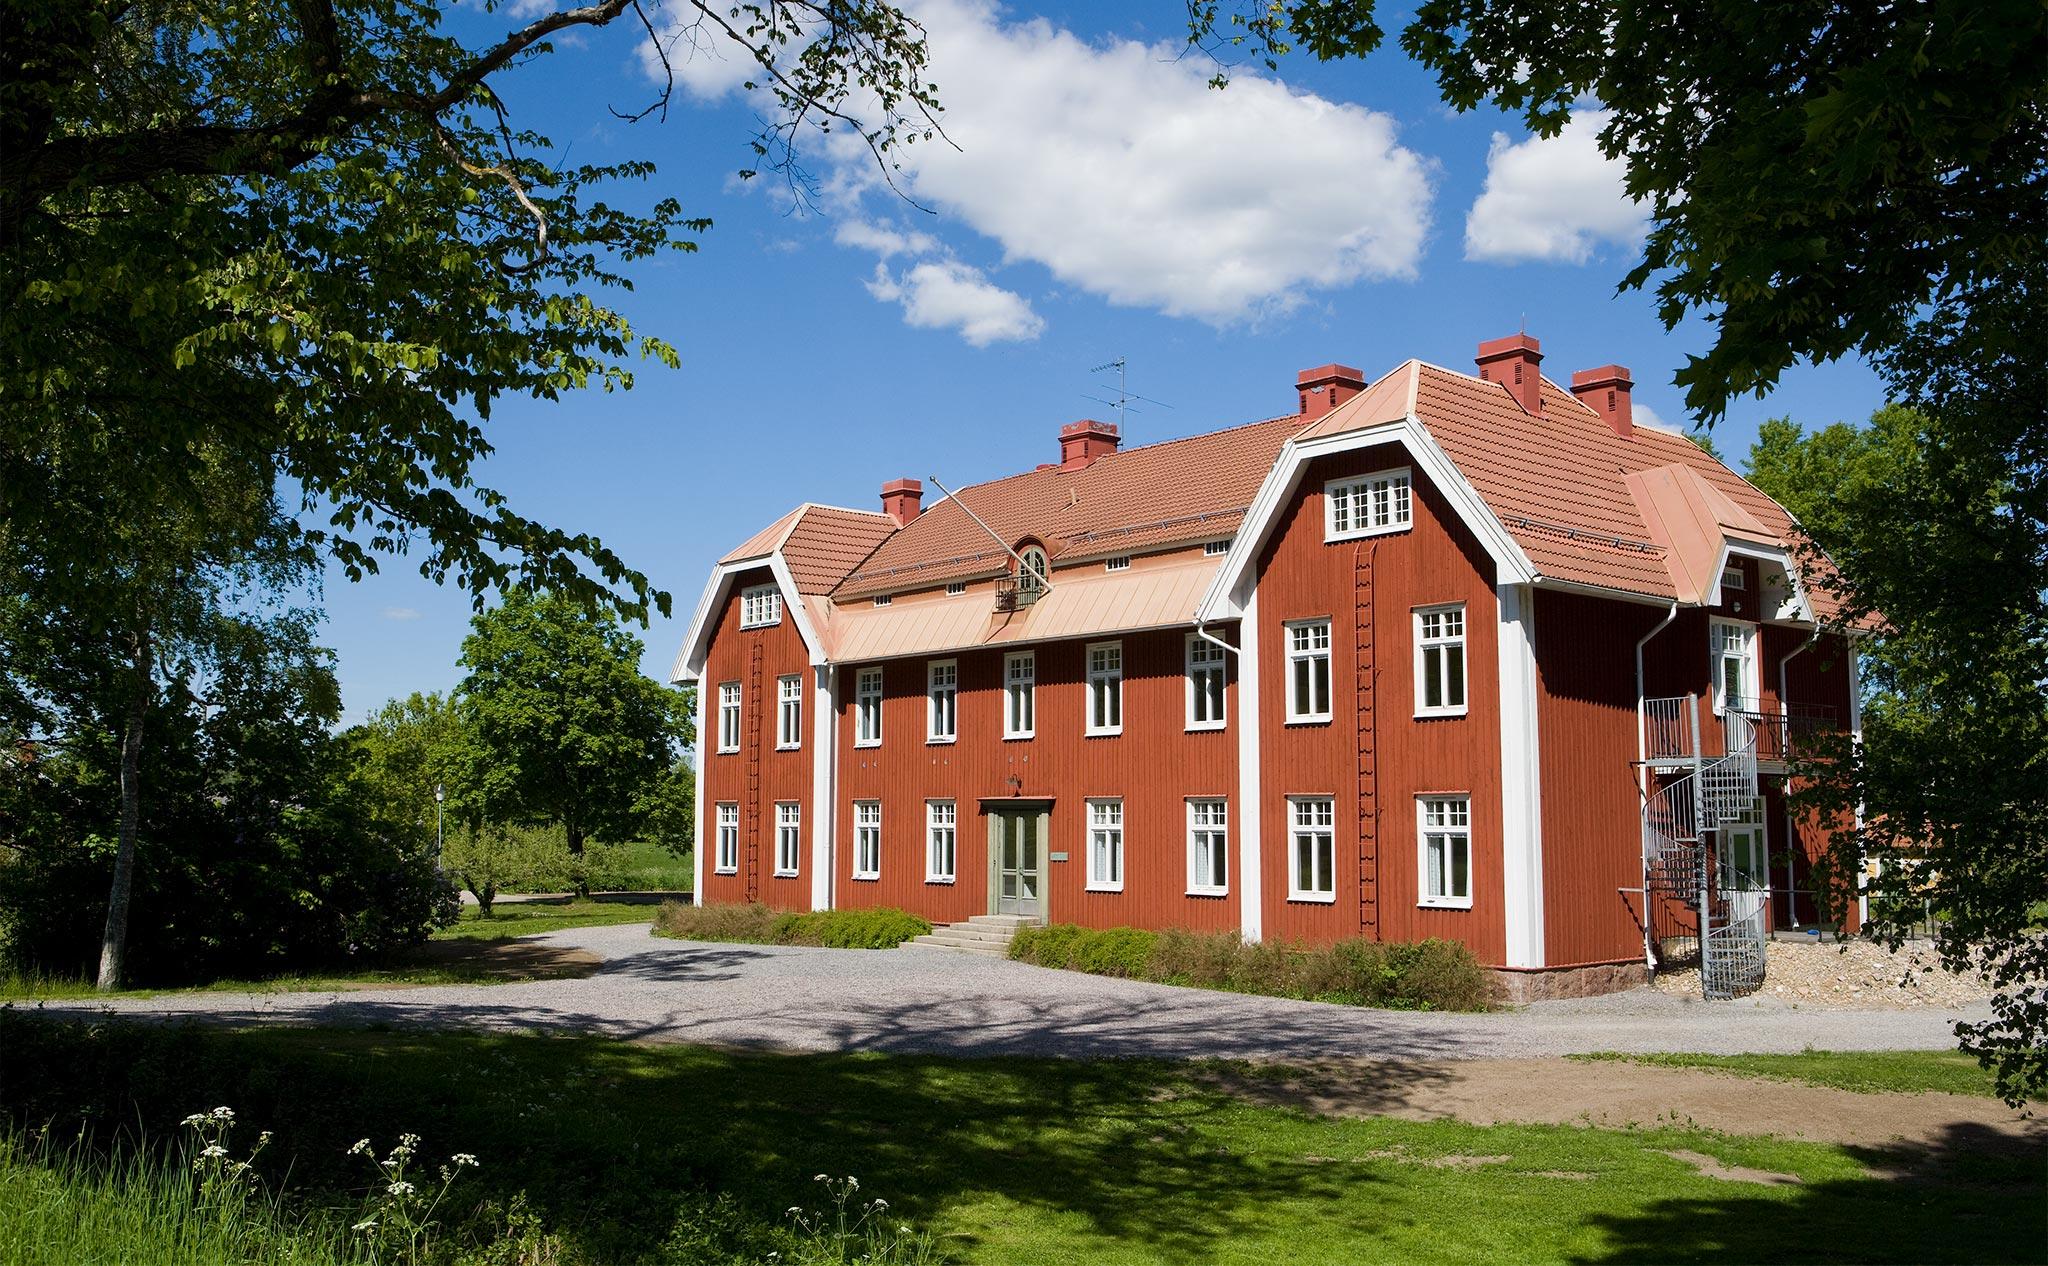 Ett stort rött hus med vita knutar i lantlig miljö.